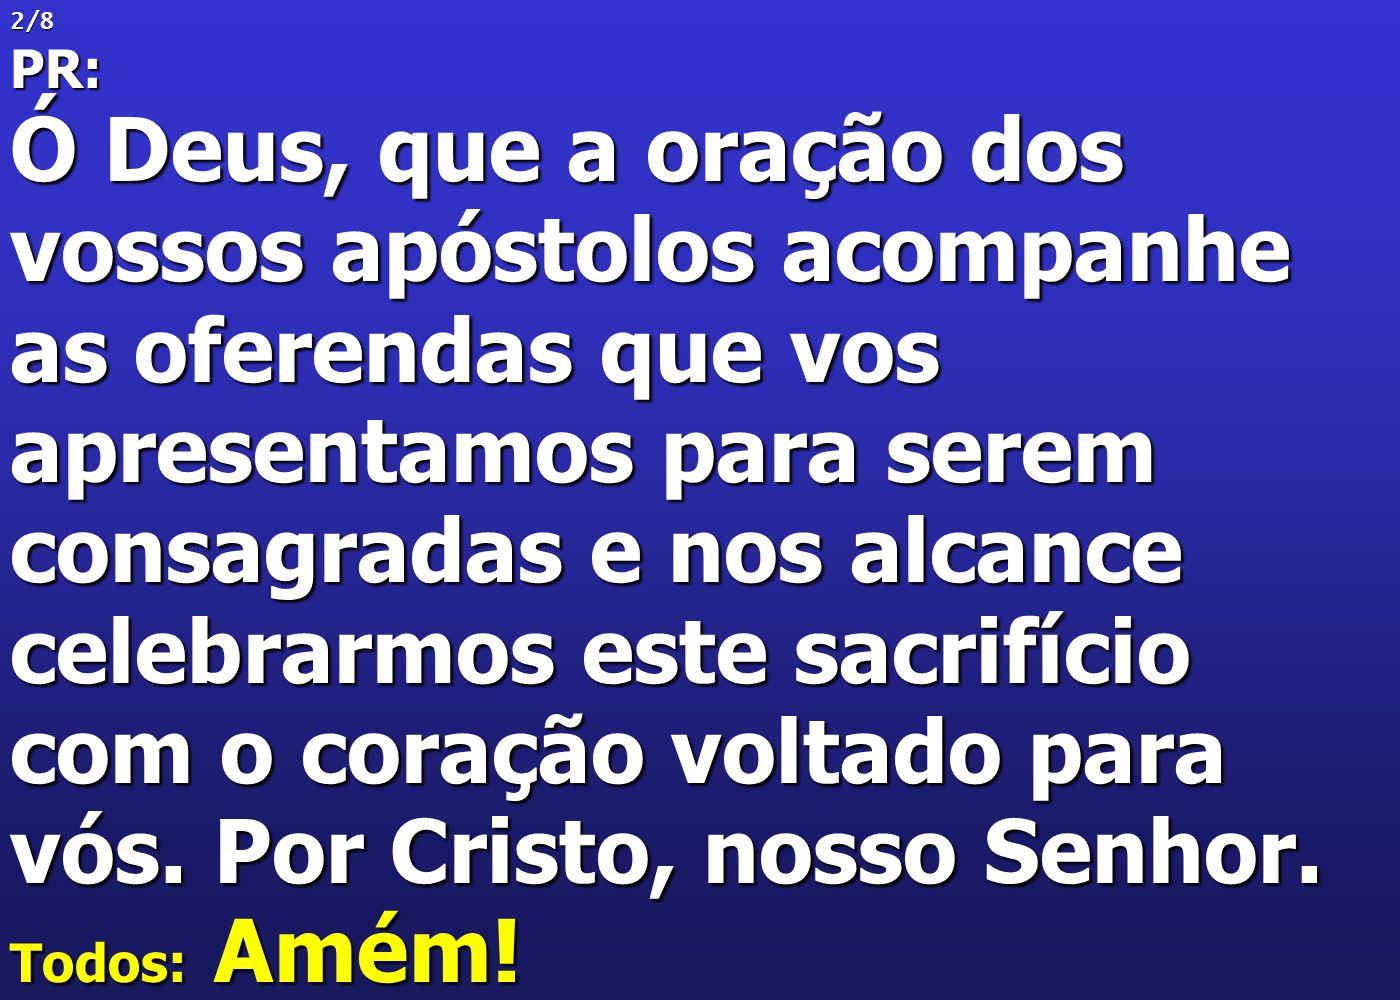 2/8PR: Ó Deus, que a oração dos vossos apóstolos acompanhe as oferendas que vos apresentamos para serem consagradas e nos alcance celebrarmos este sac